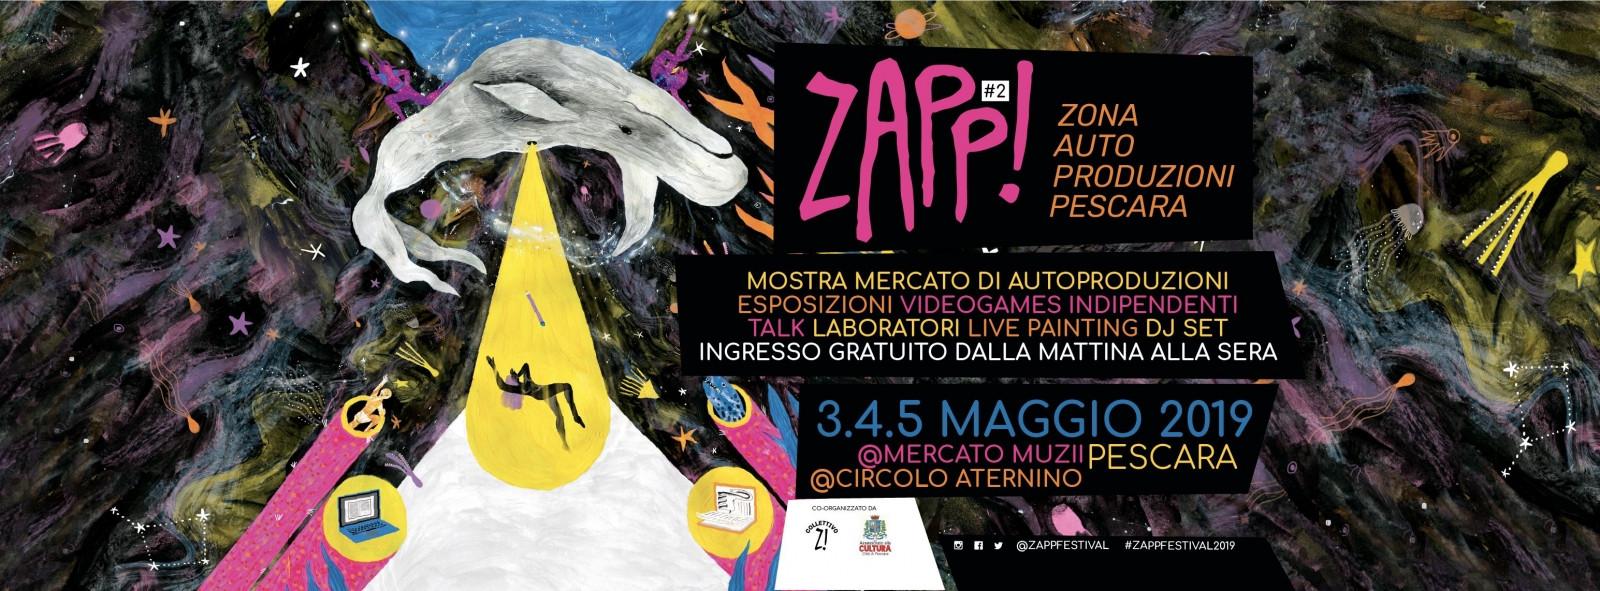 ZAPP!! Festival